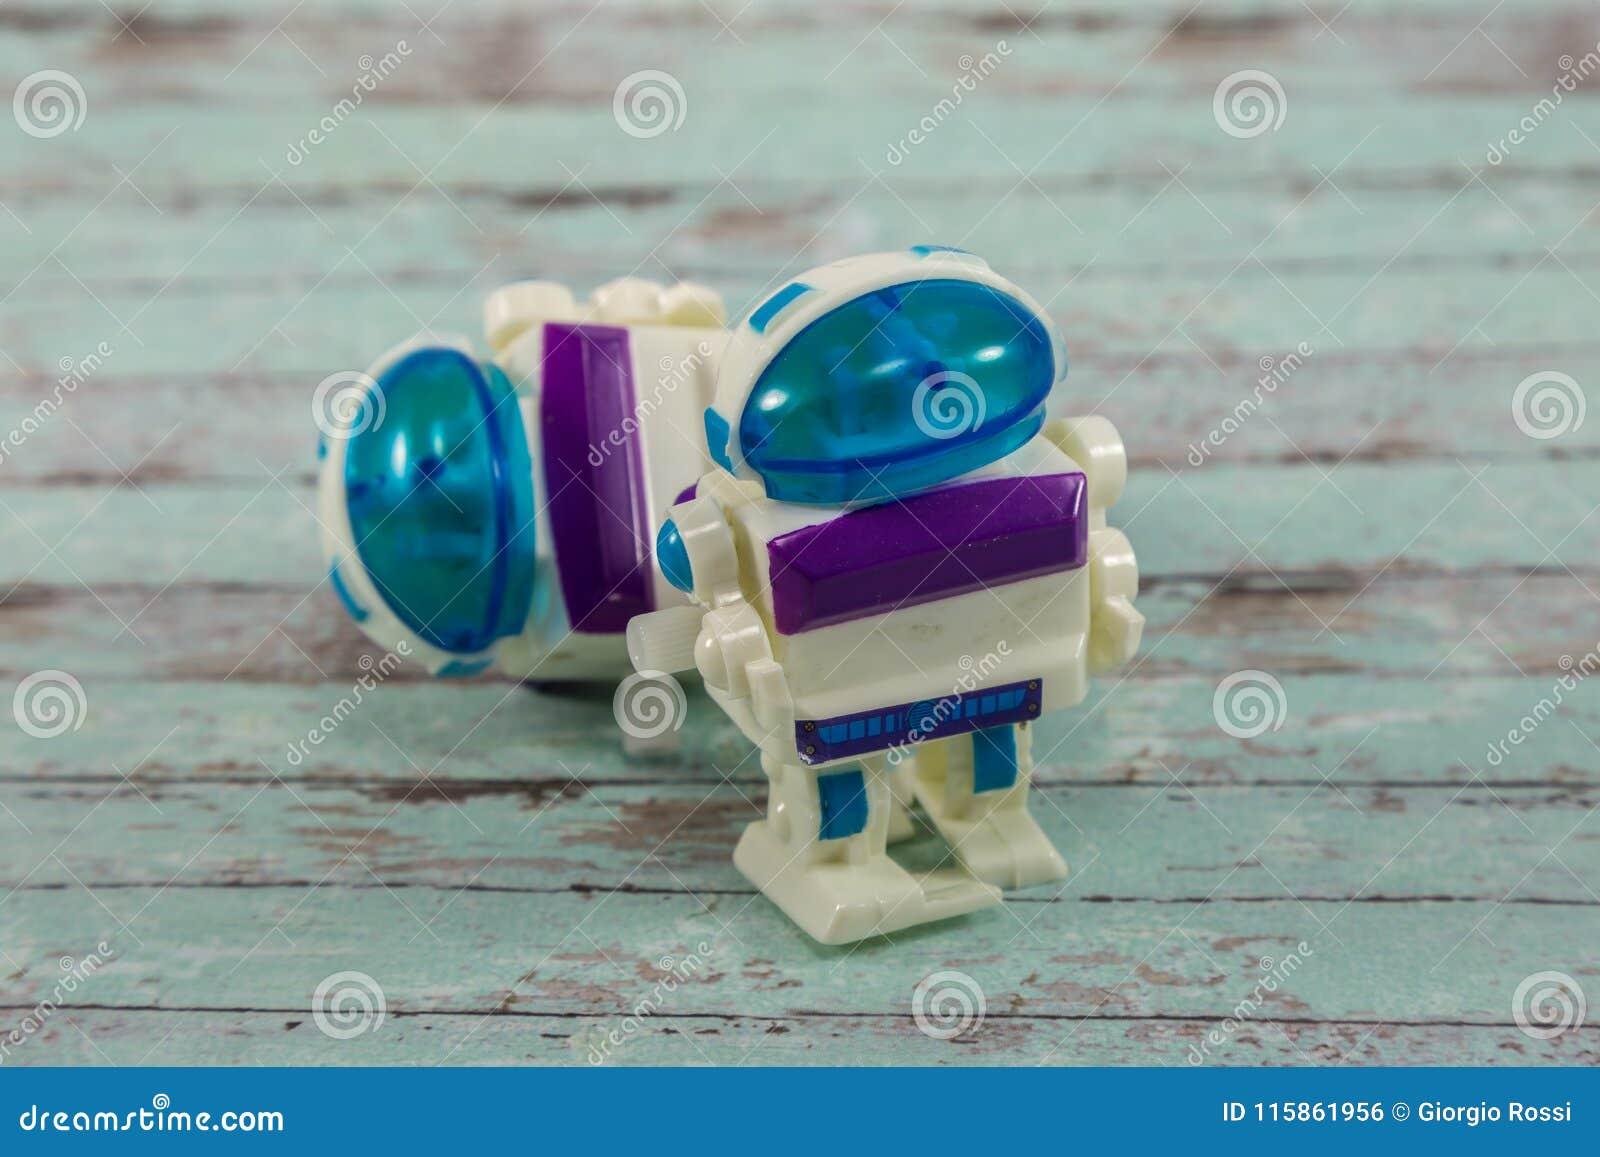 Brinquedos plásticos pequenos do robô na tabela de madeira branca